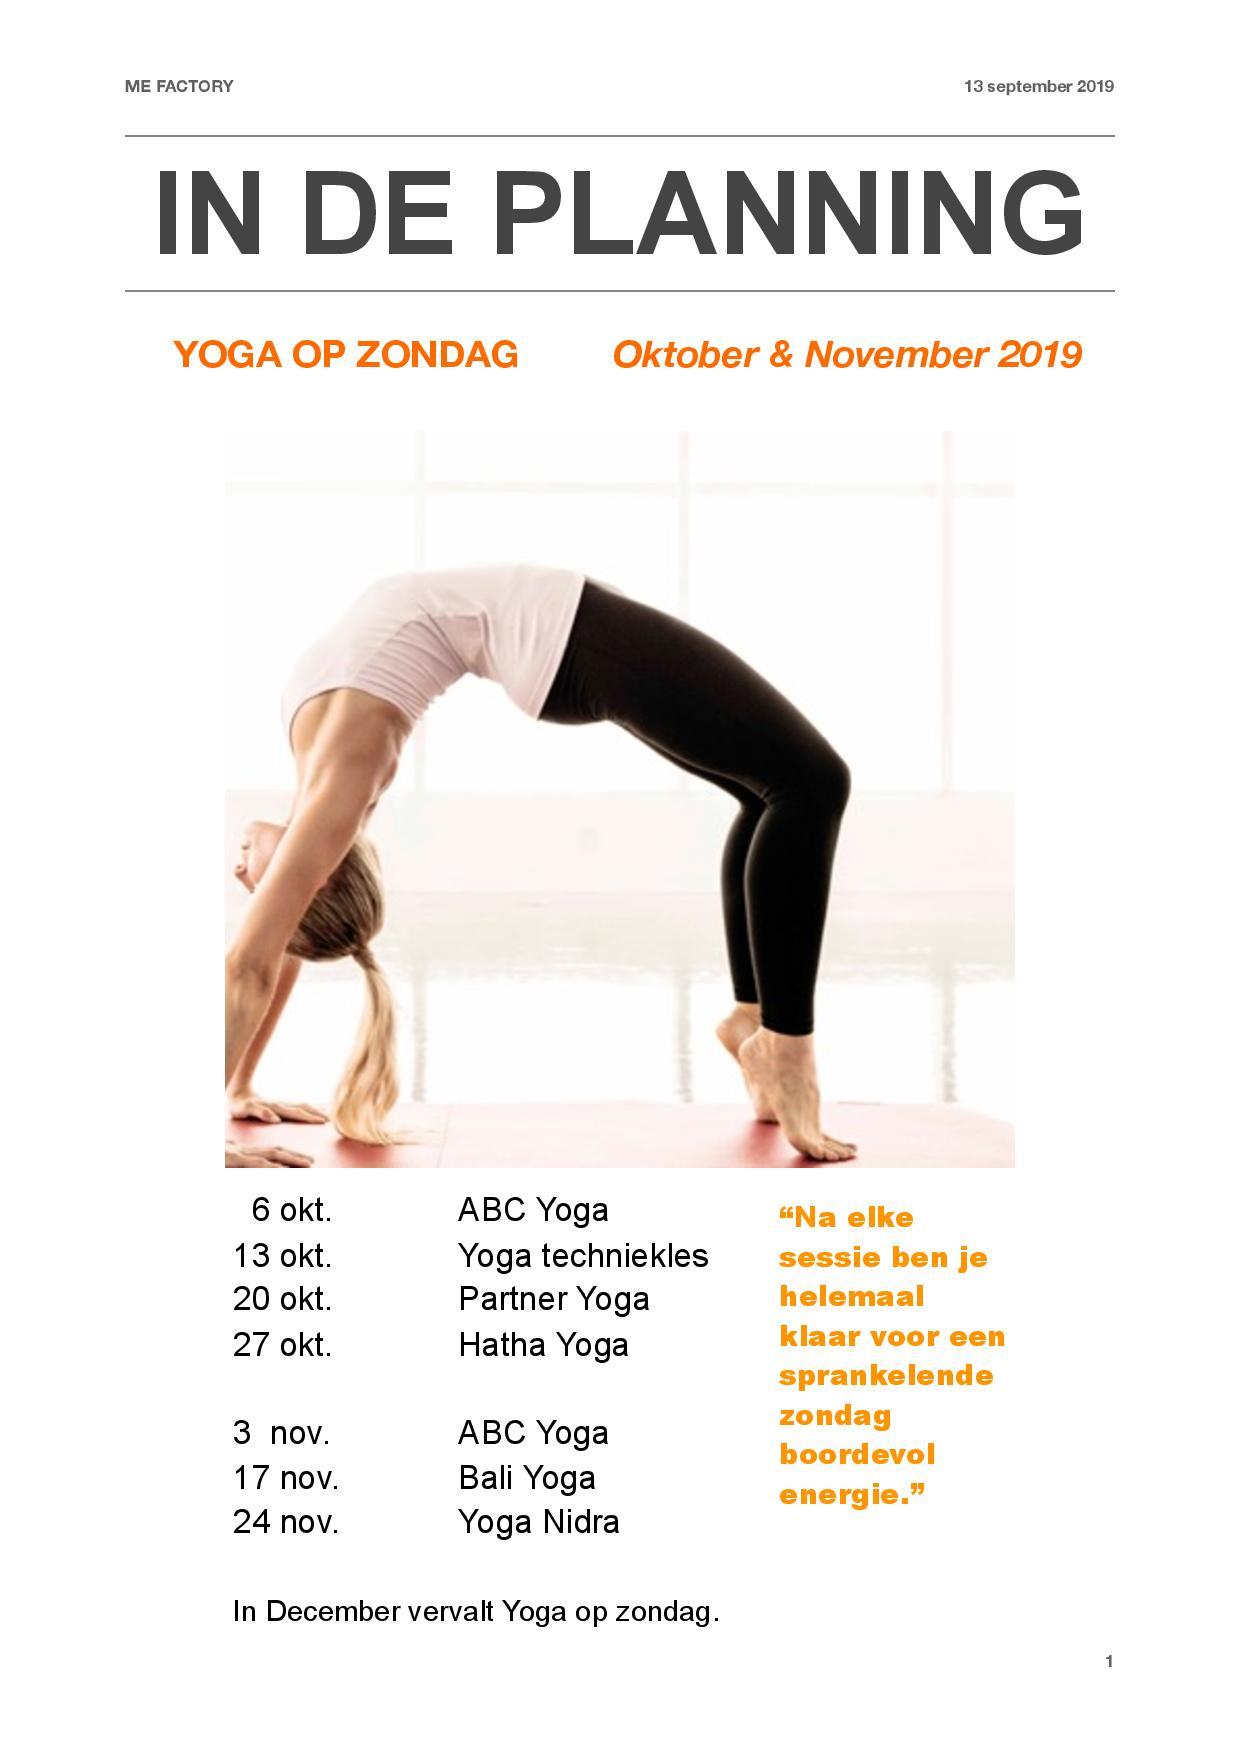 Yoga op zondag in oktober & november